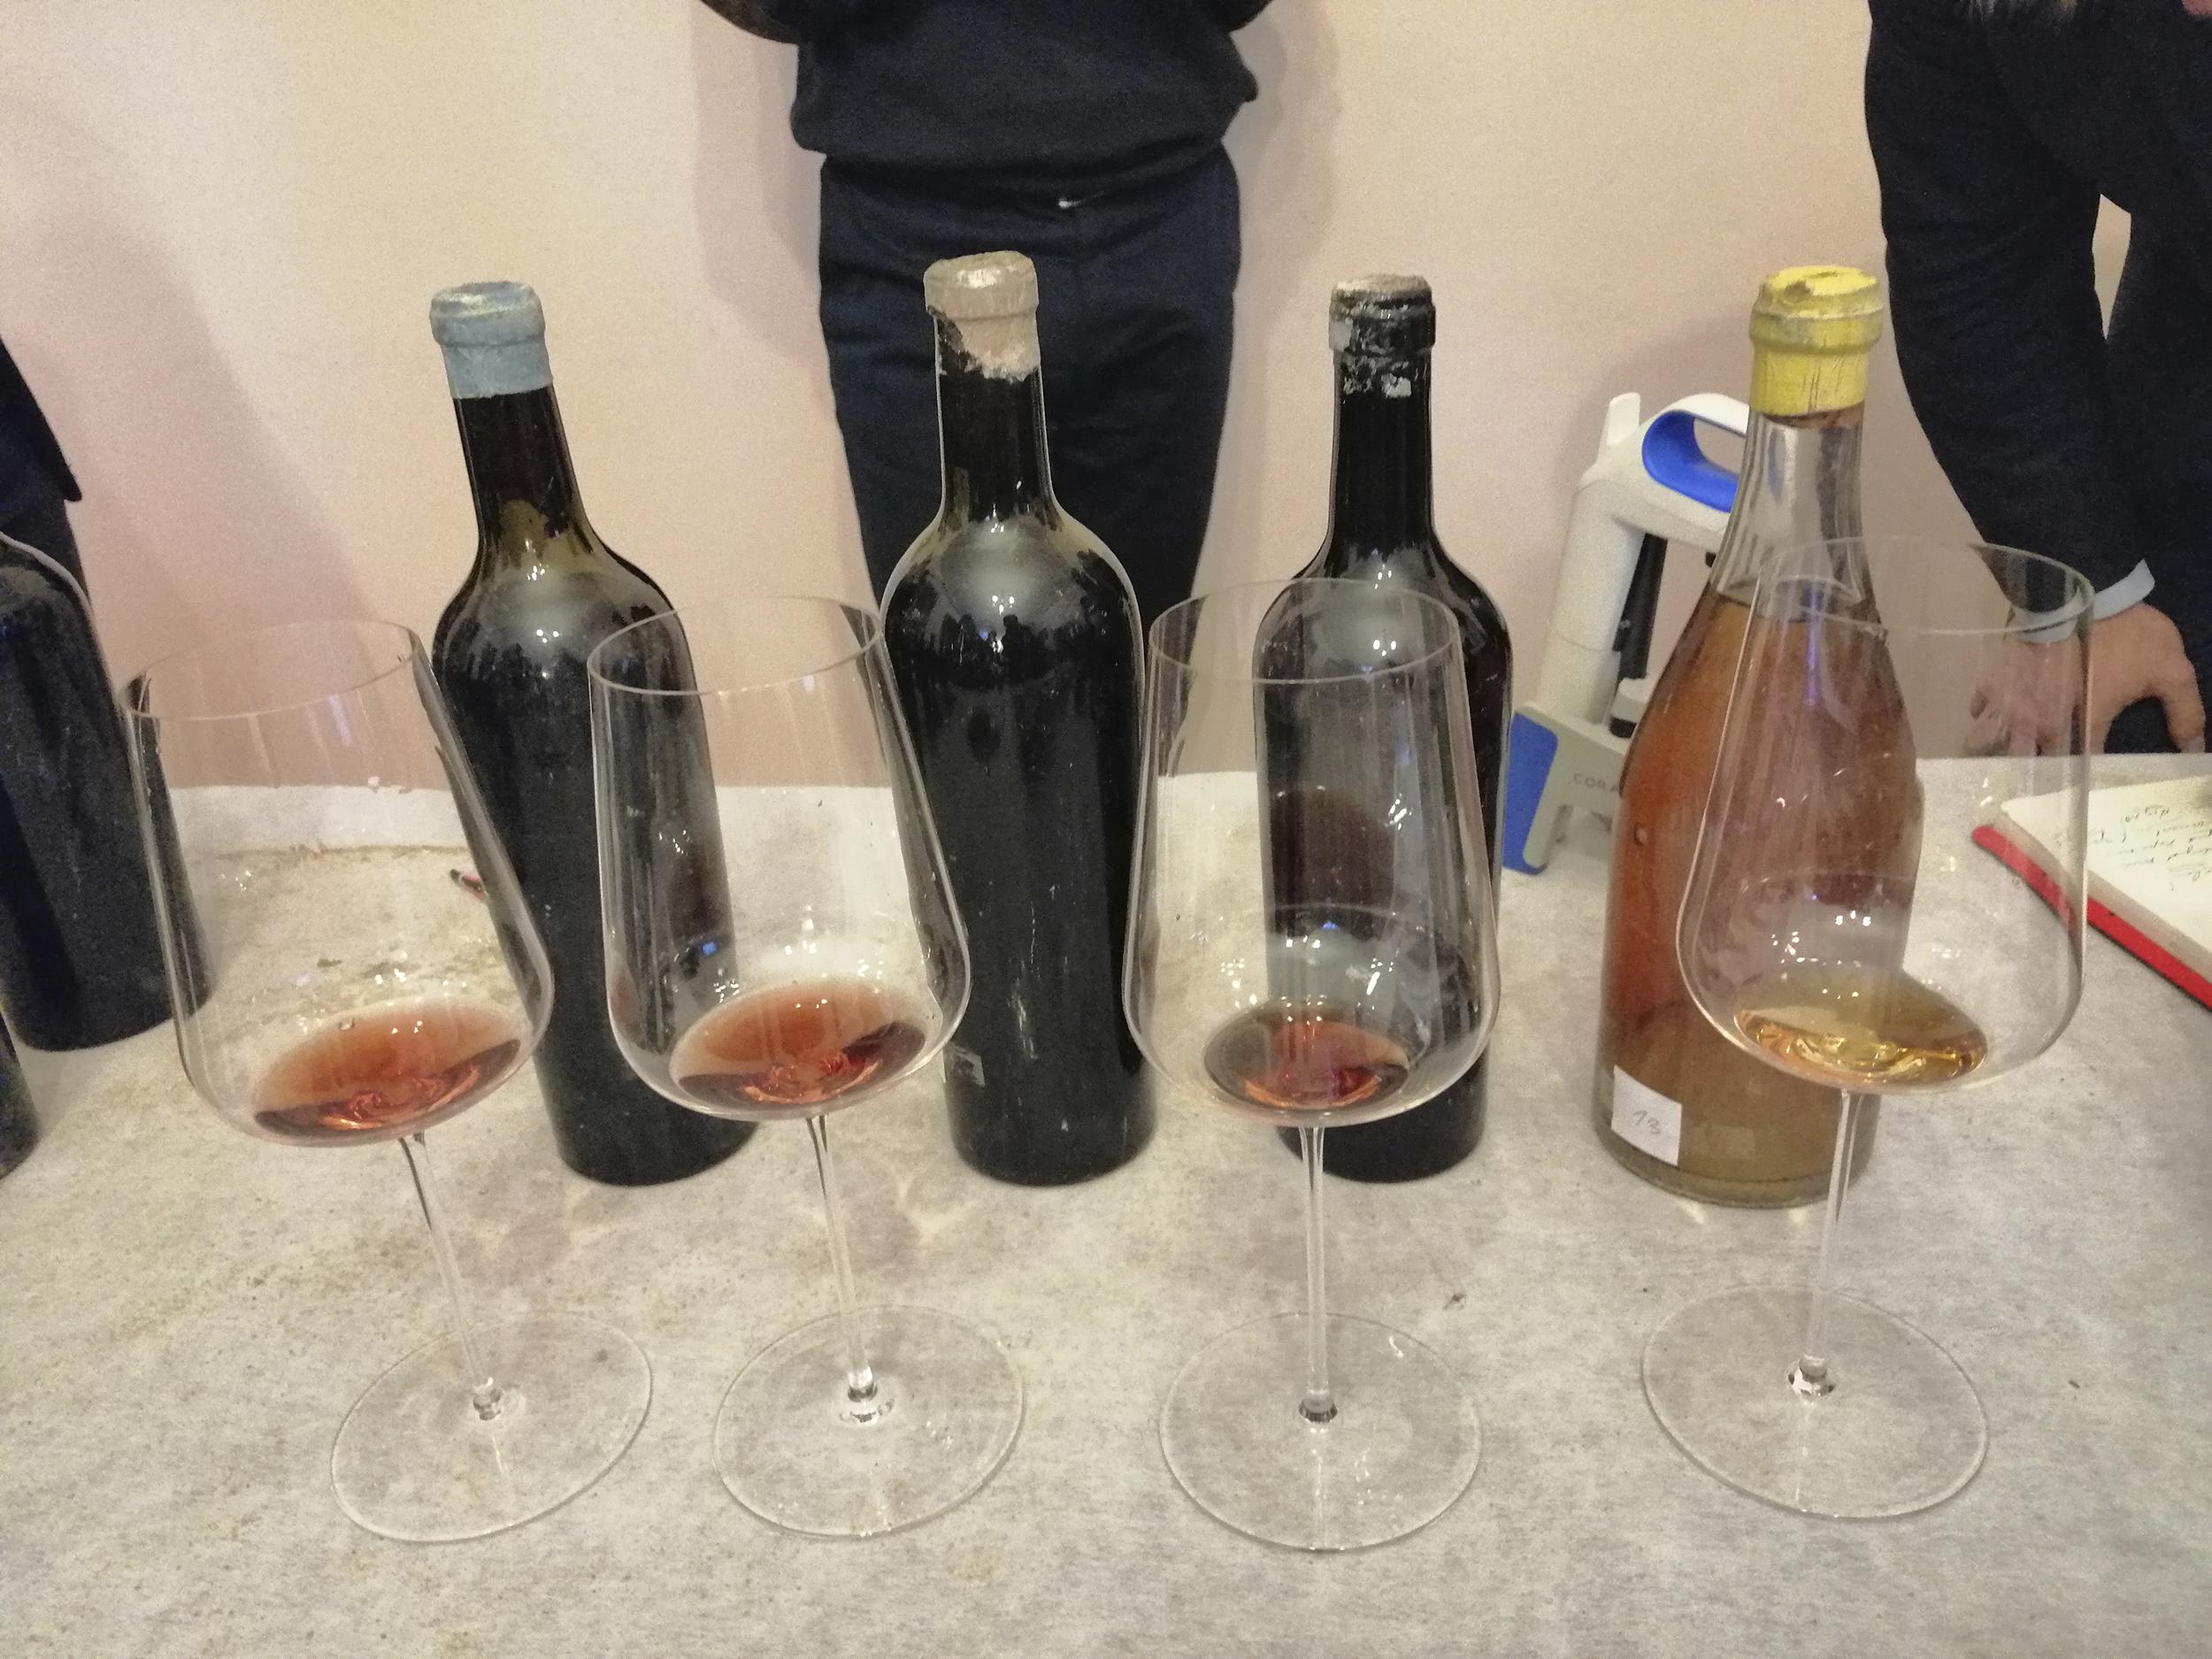 Fotografia. Trzy butelki do wina o ciemnym zabarwieniu i jedna z jasnego szkła pokryte kurzem, przed nimi ustawione kieliszki do wina z odrobiną napoju w środku.